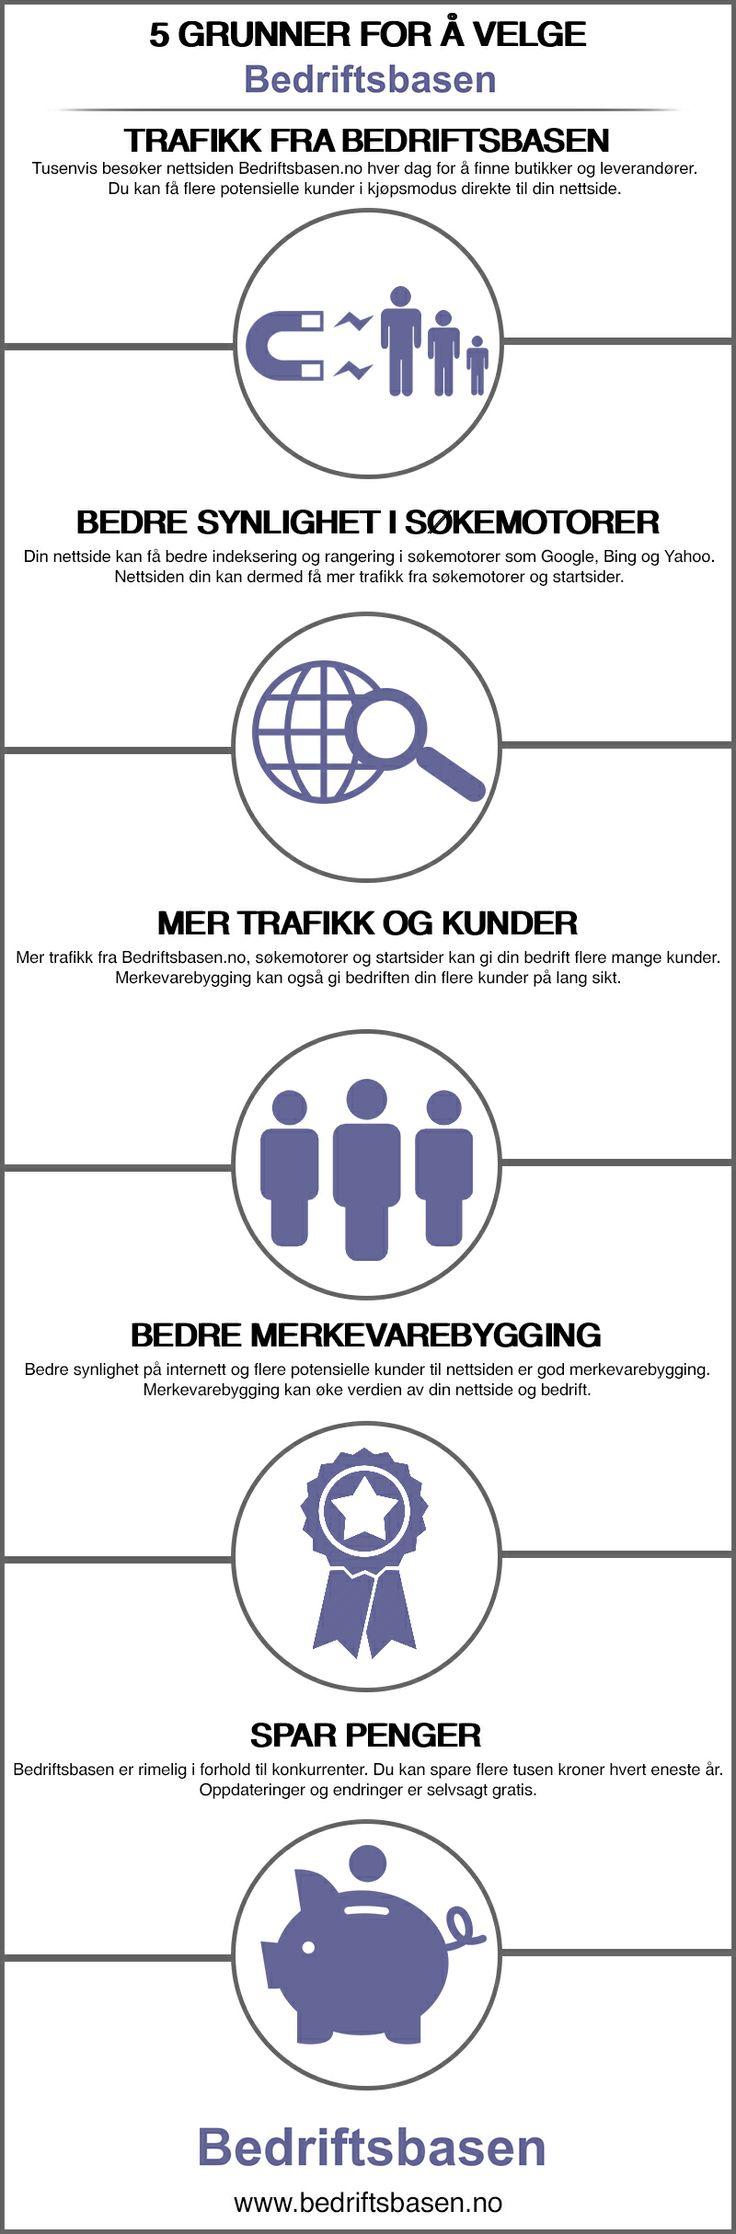 Infografikk: 5 grunner for å velge Bedriftsbasen.no